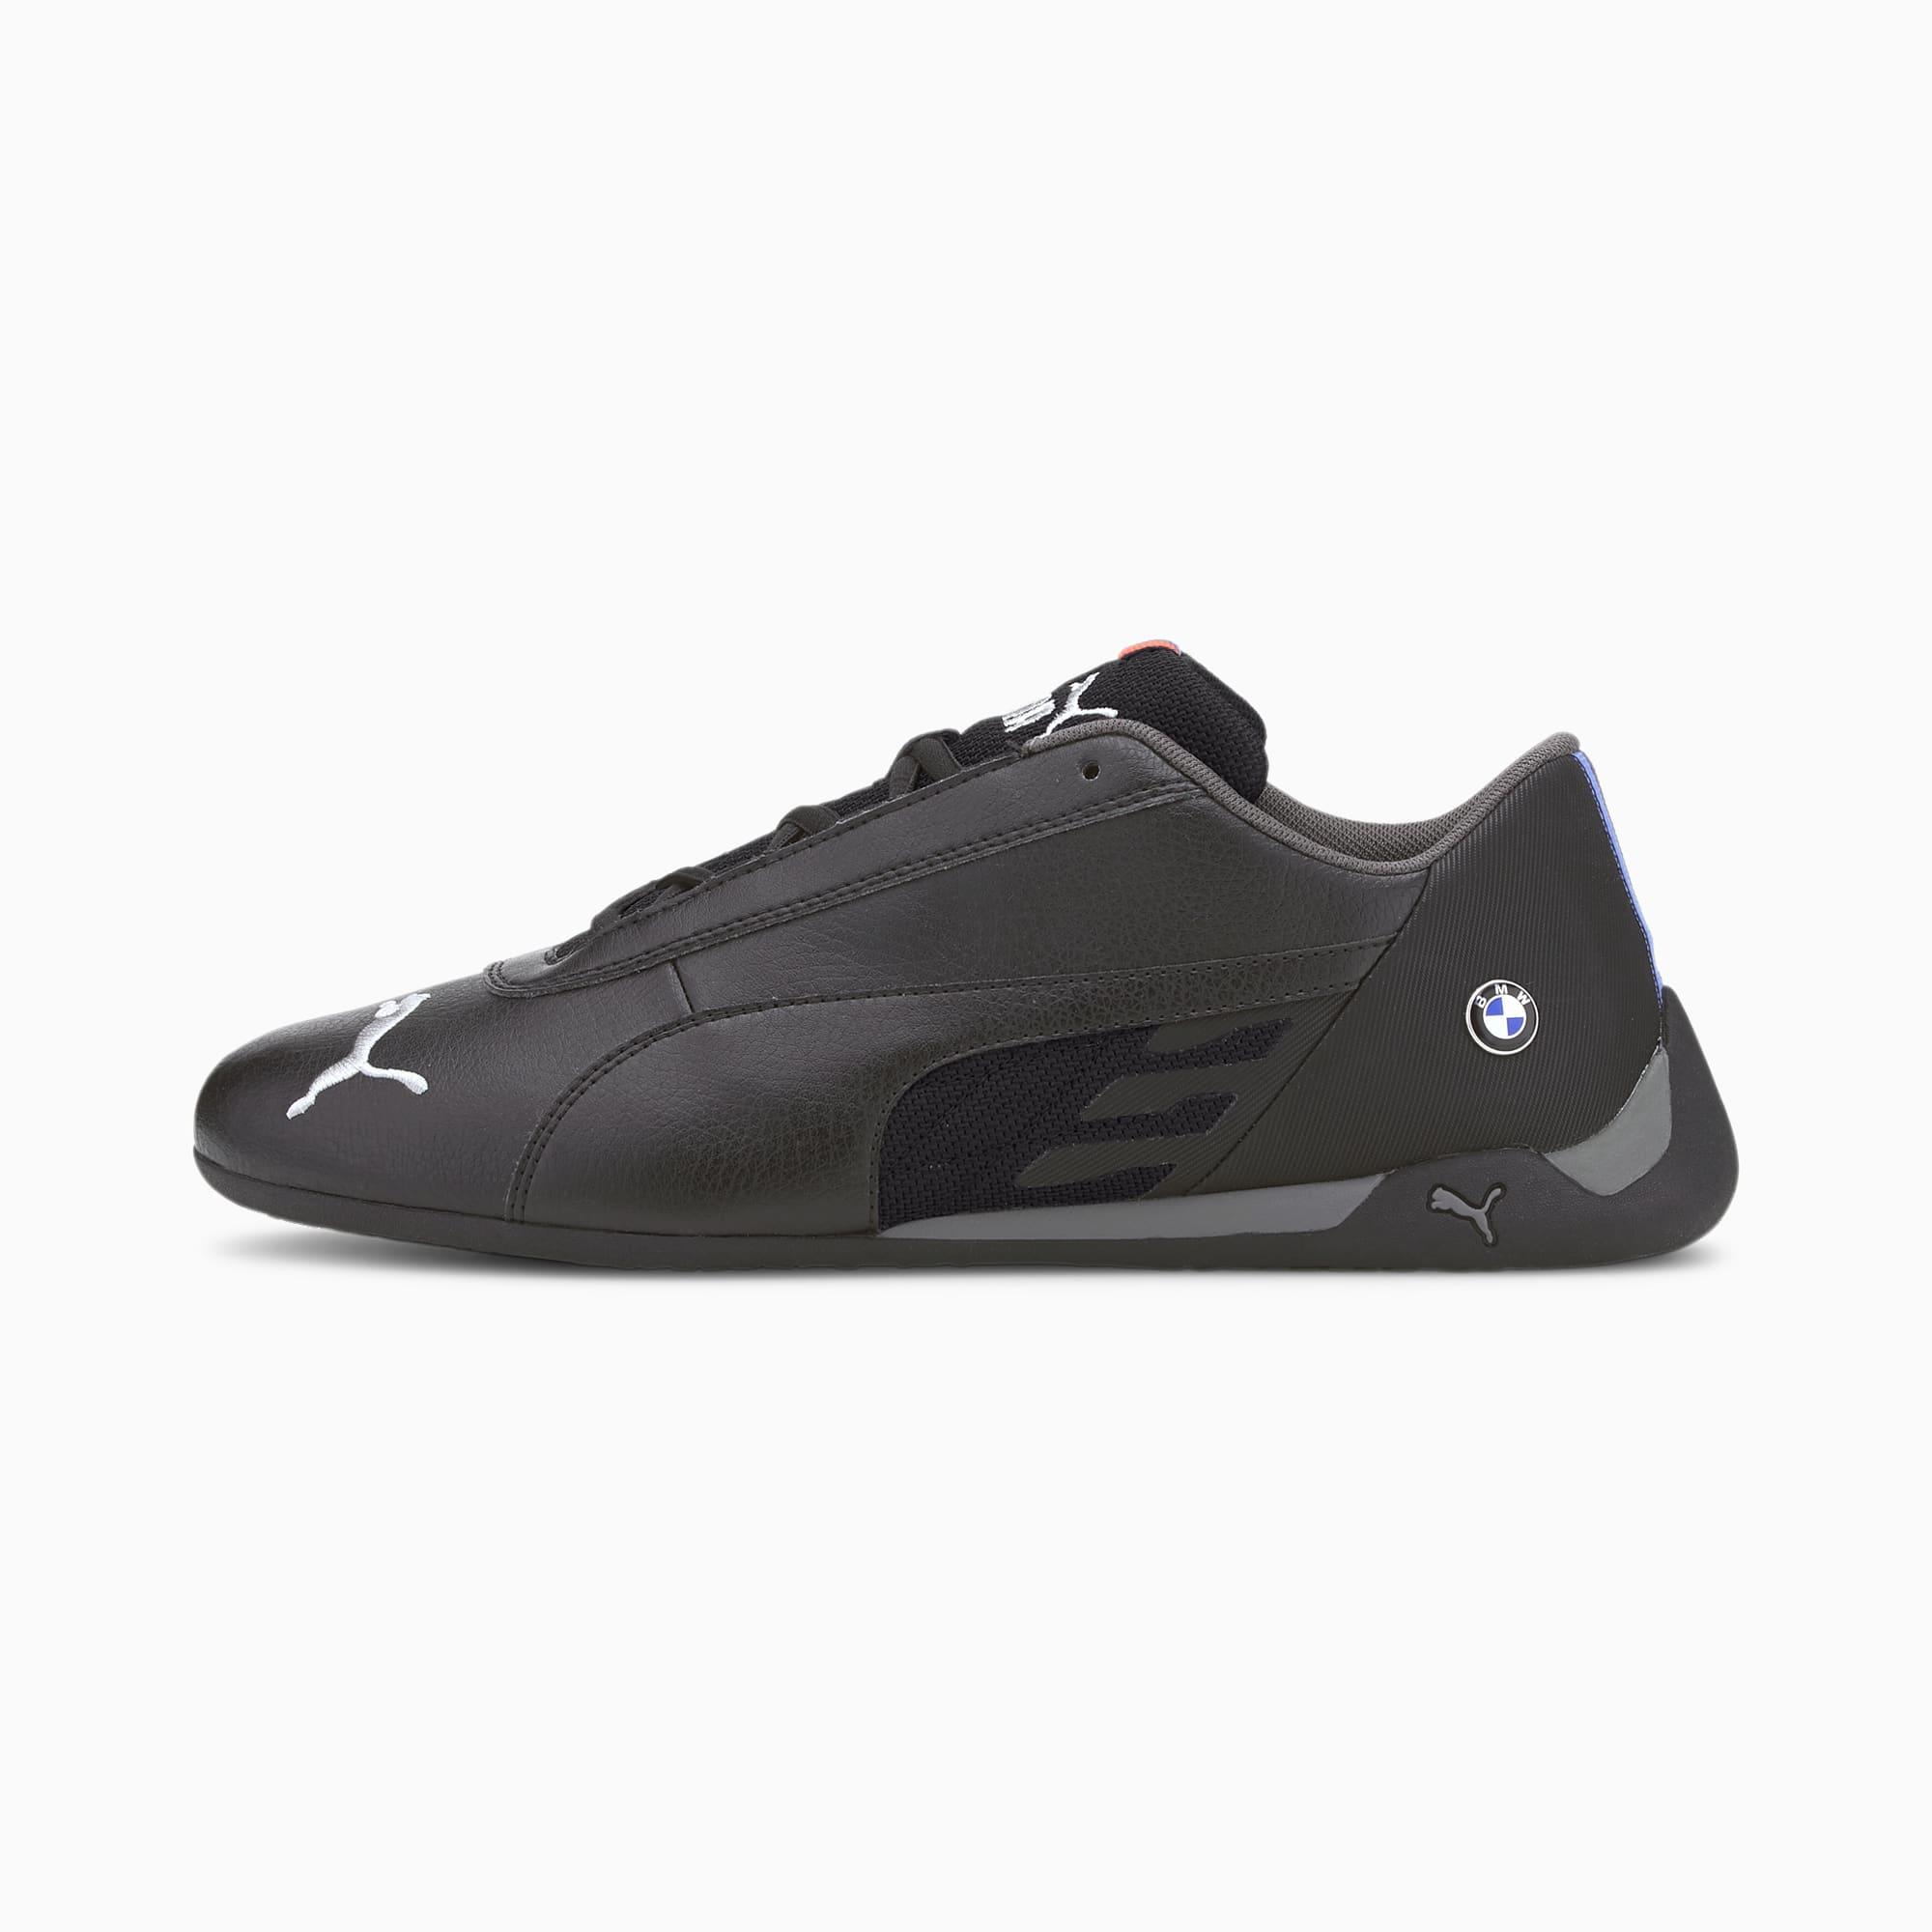 PUMA Chaussure de course BMW M Motorsport R-Cat, Noir, Taille 41, Vêtements